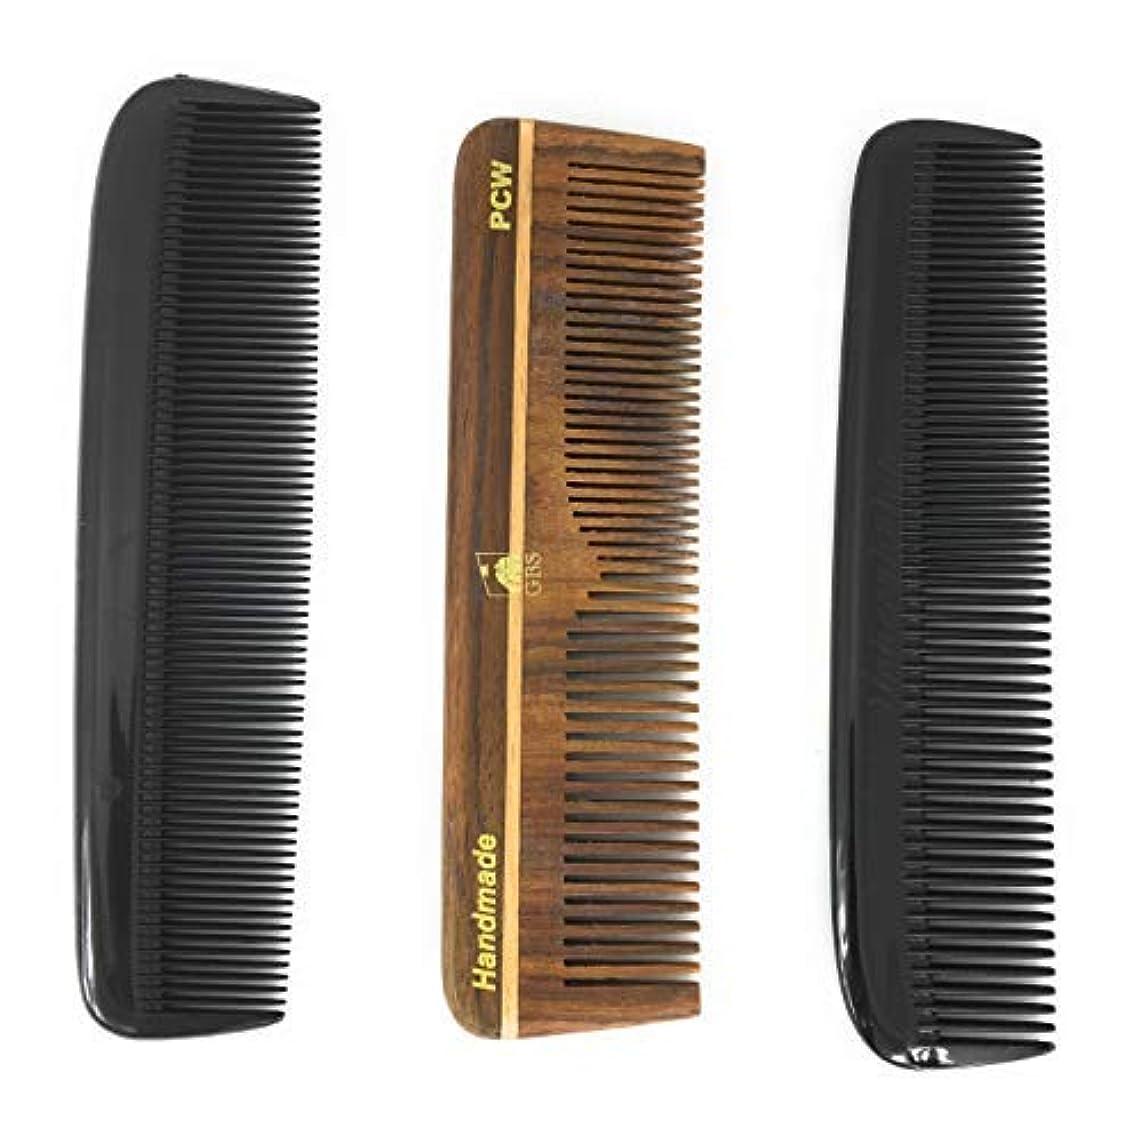 会議圧縮されたコミュニケーションGBS Hair Comb Variety 3 pack - 5